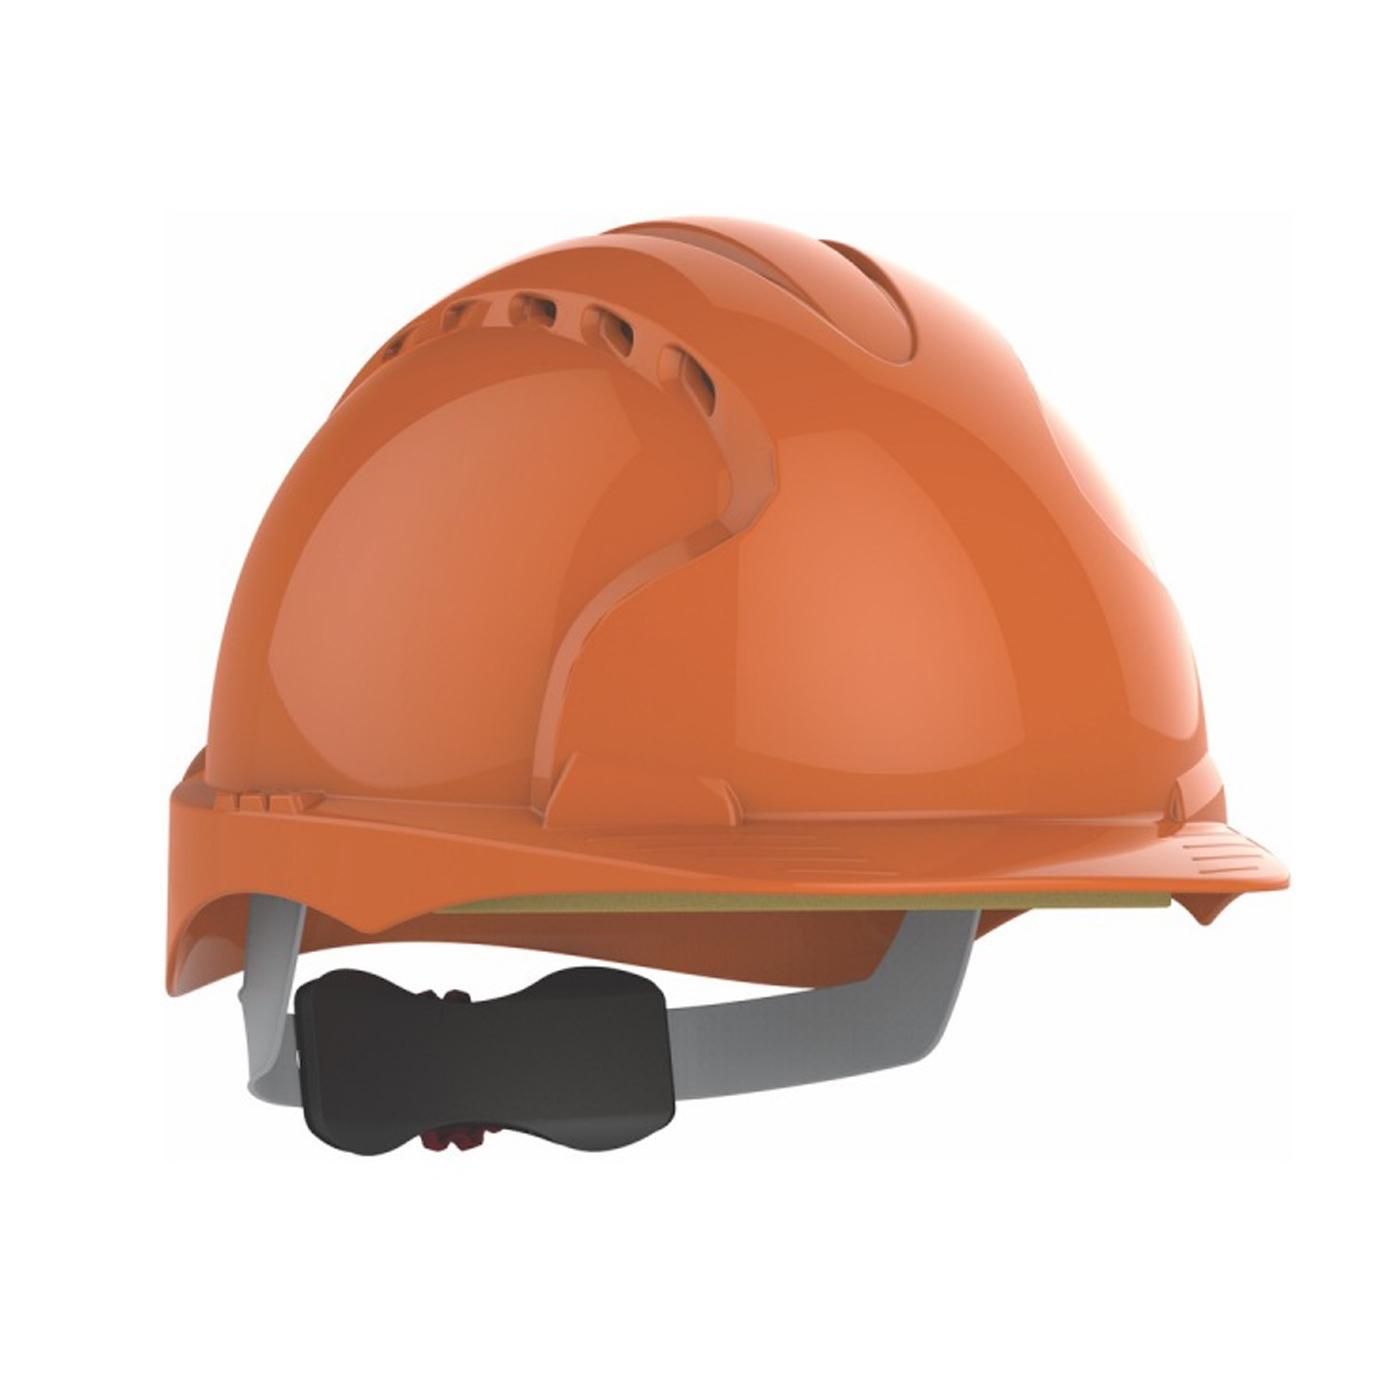 Kask ochronny JSP – pomarańczowy, wentylowany, średni daszek, regulacja pokrętłem AJF170-000-800 EVO3